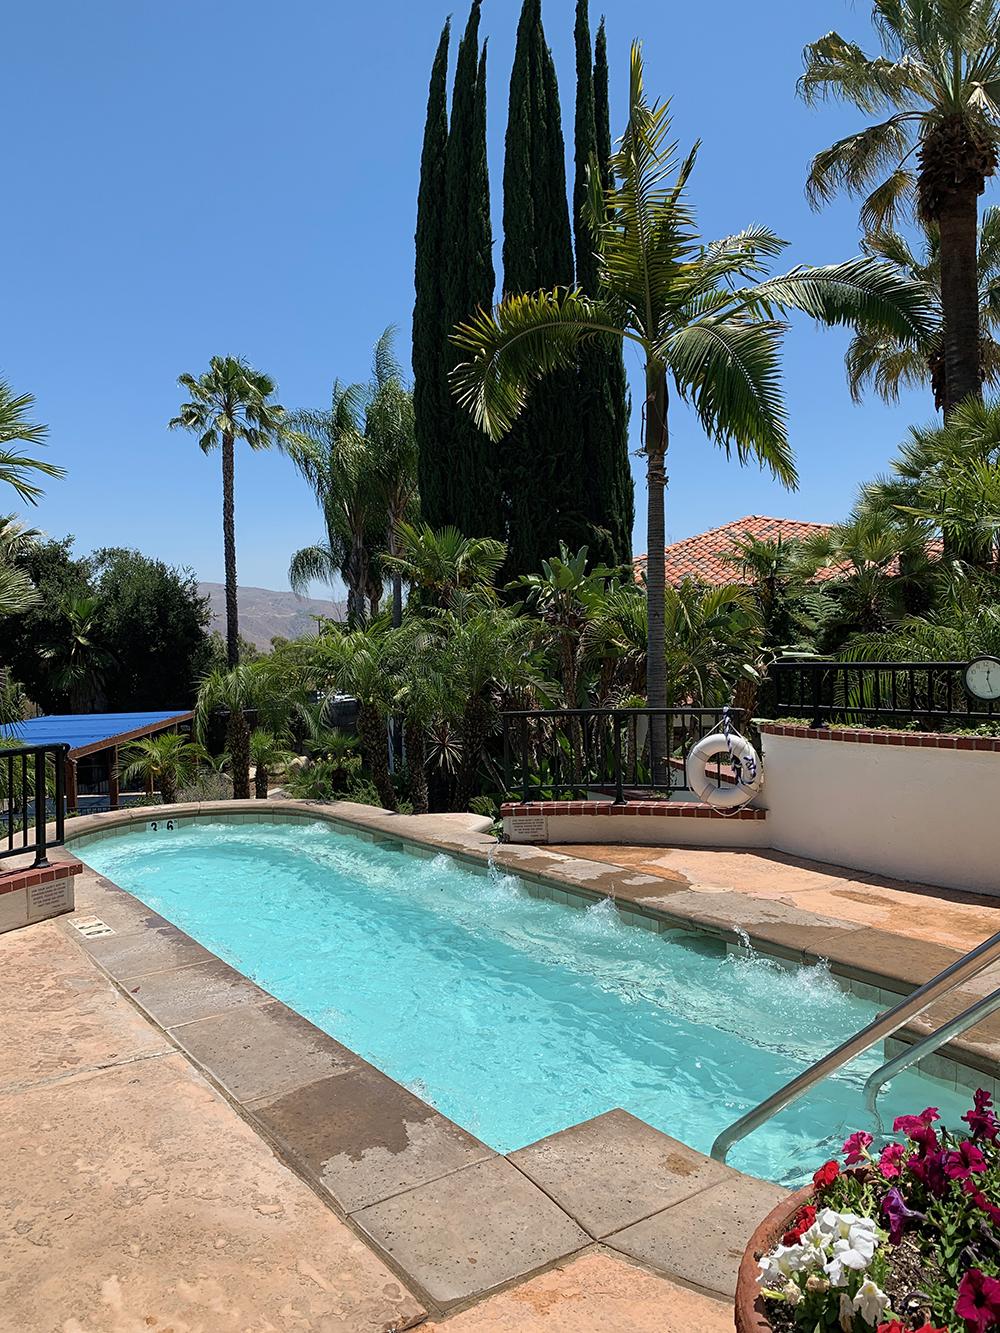 The Vista Pool stimulates the immune system with sulfur, calcium, magnesium, sodium, and potassium.